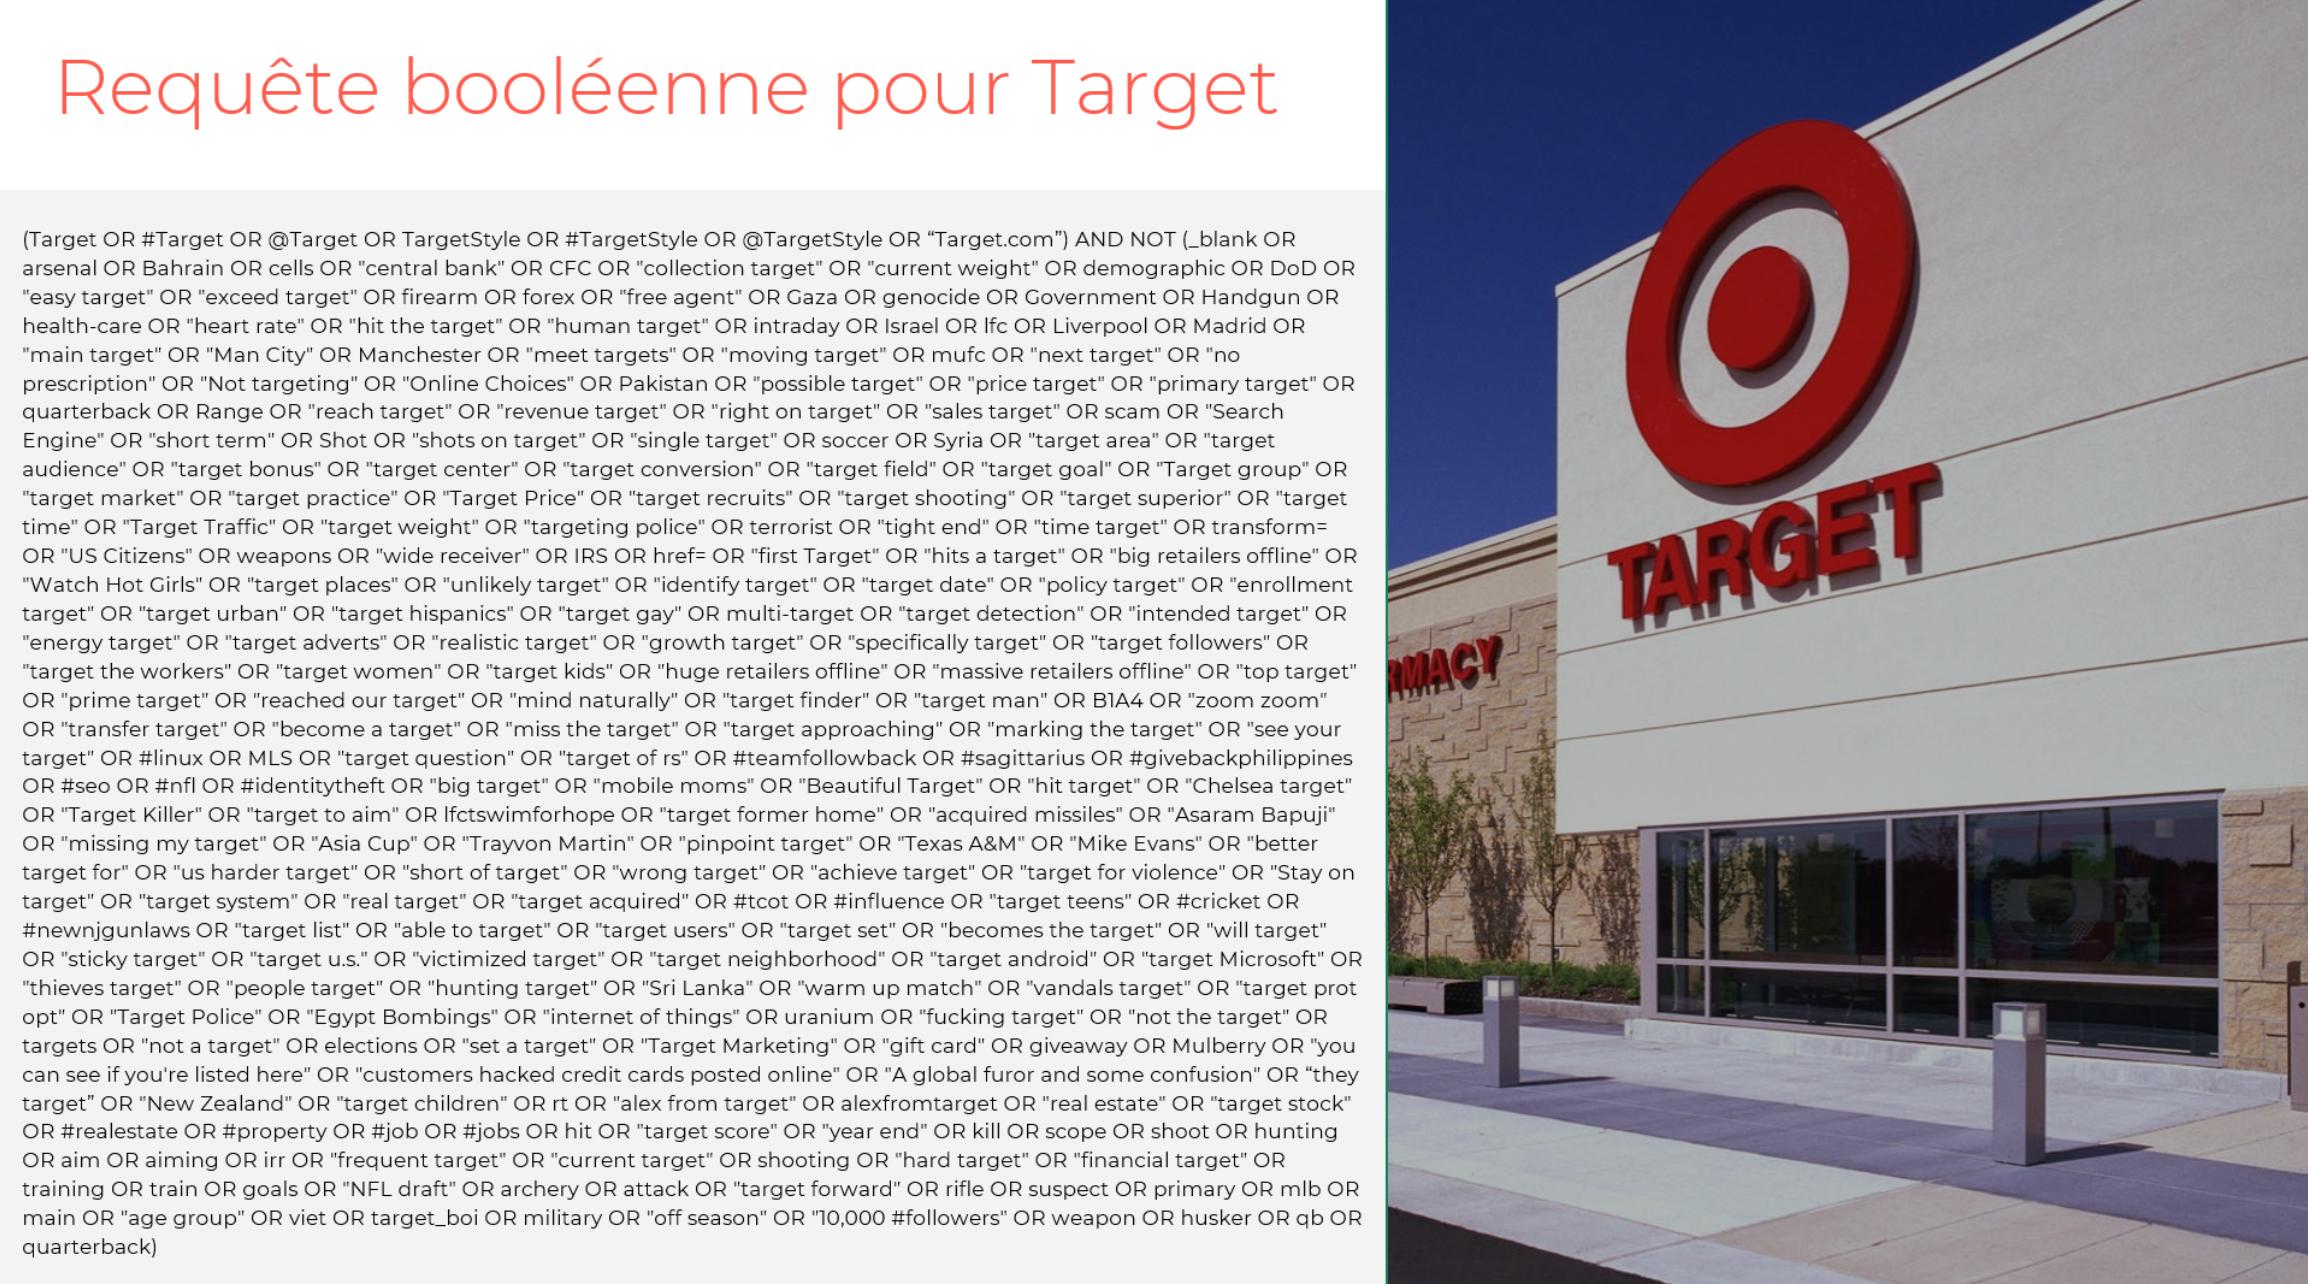 requêt classique booleenne pour surveiller Target